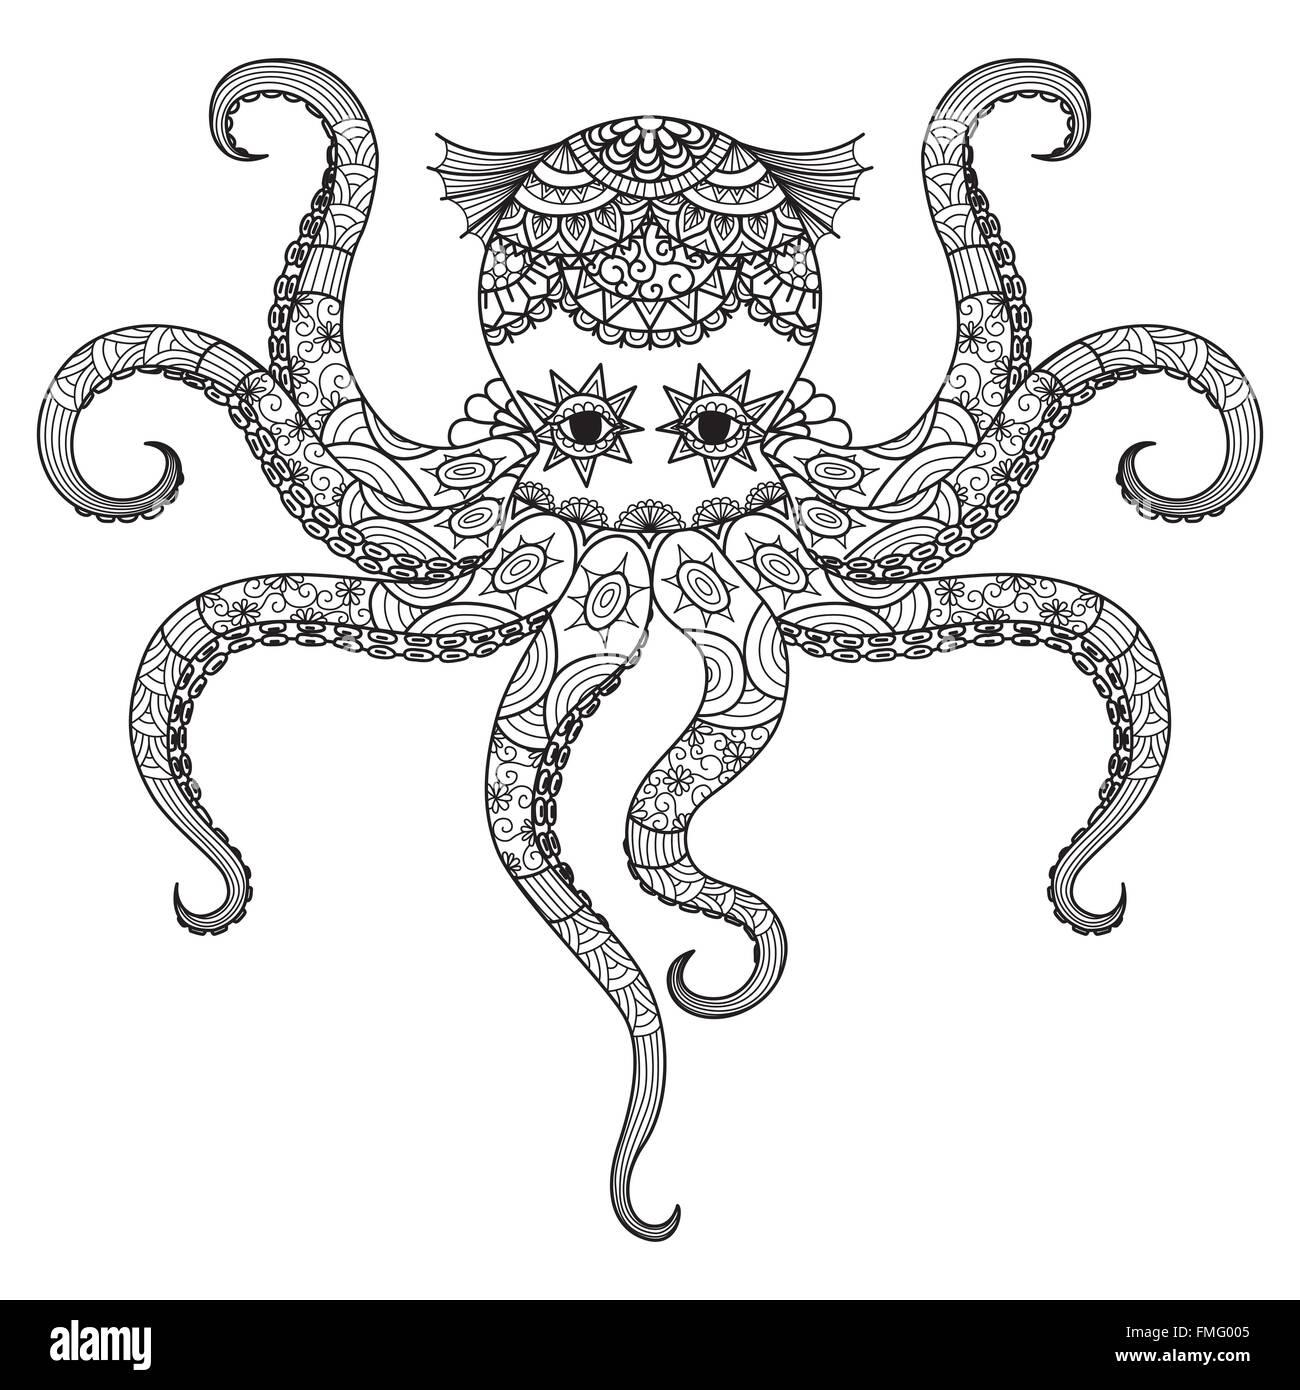 Disegno Octopus Zentangle Design Per Libro Da Colorare Per